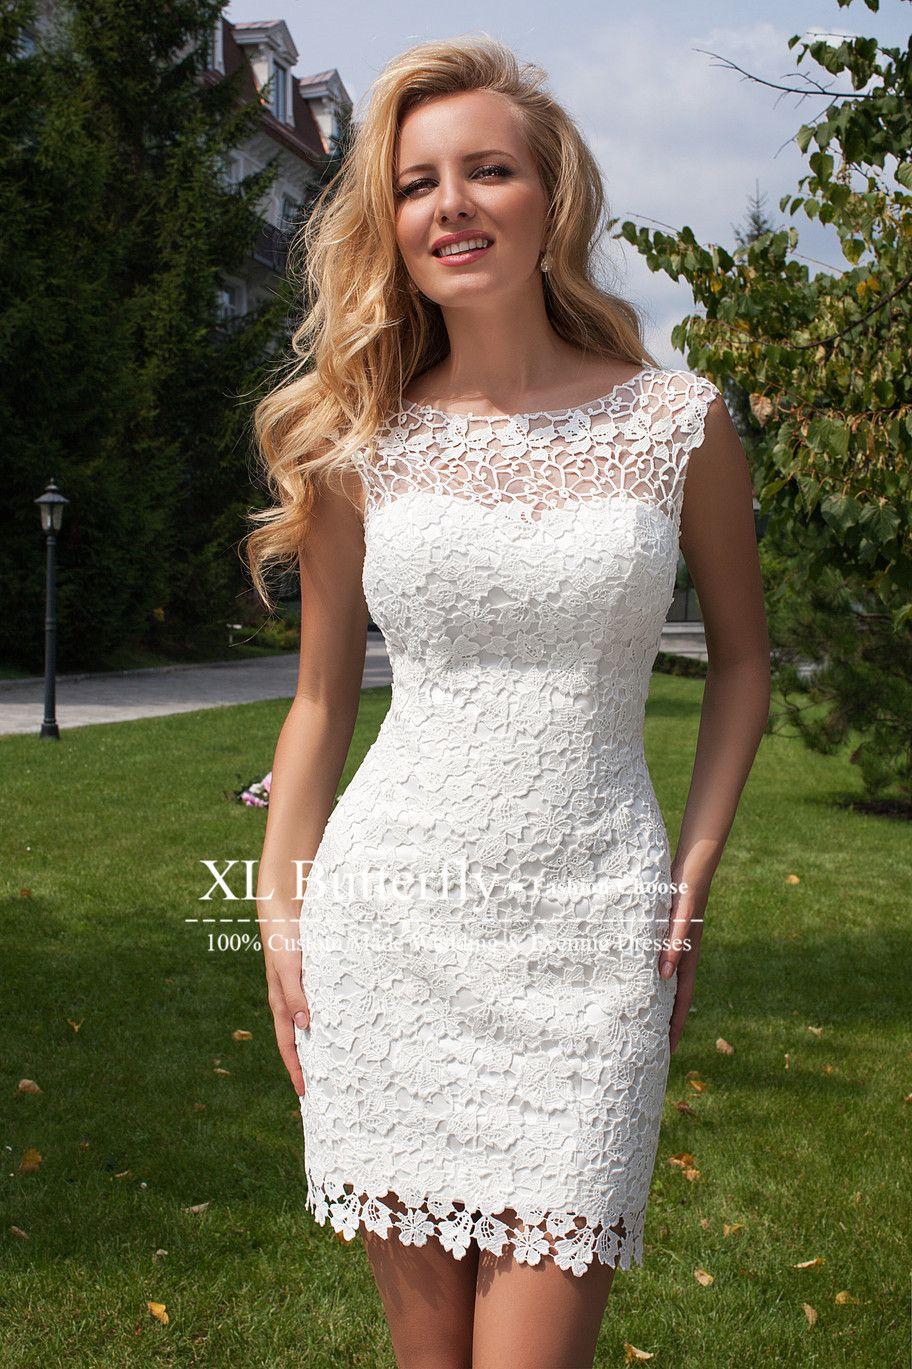 c934c9655 Vestidos para bodas cortos valencia – Vestidos de mujer